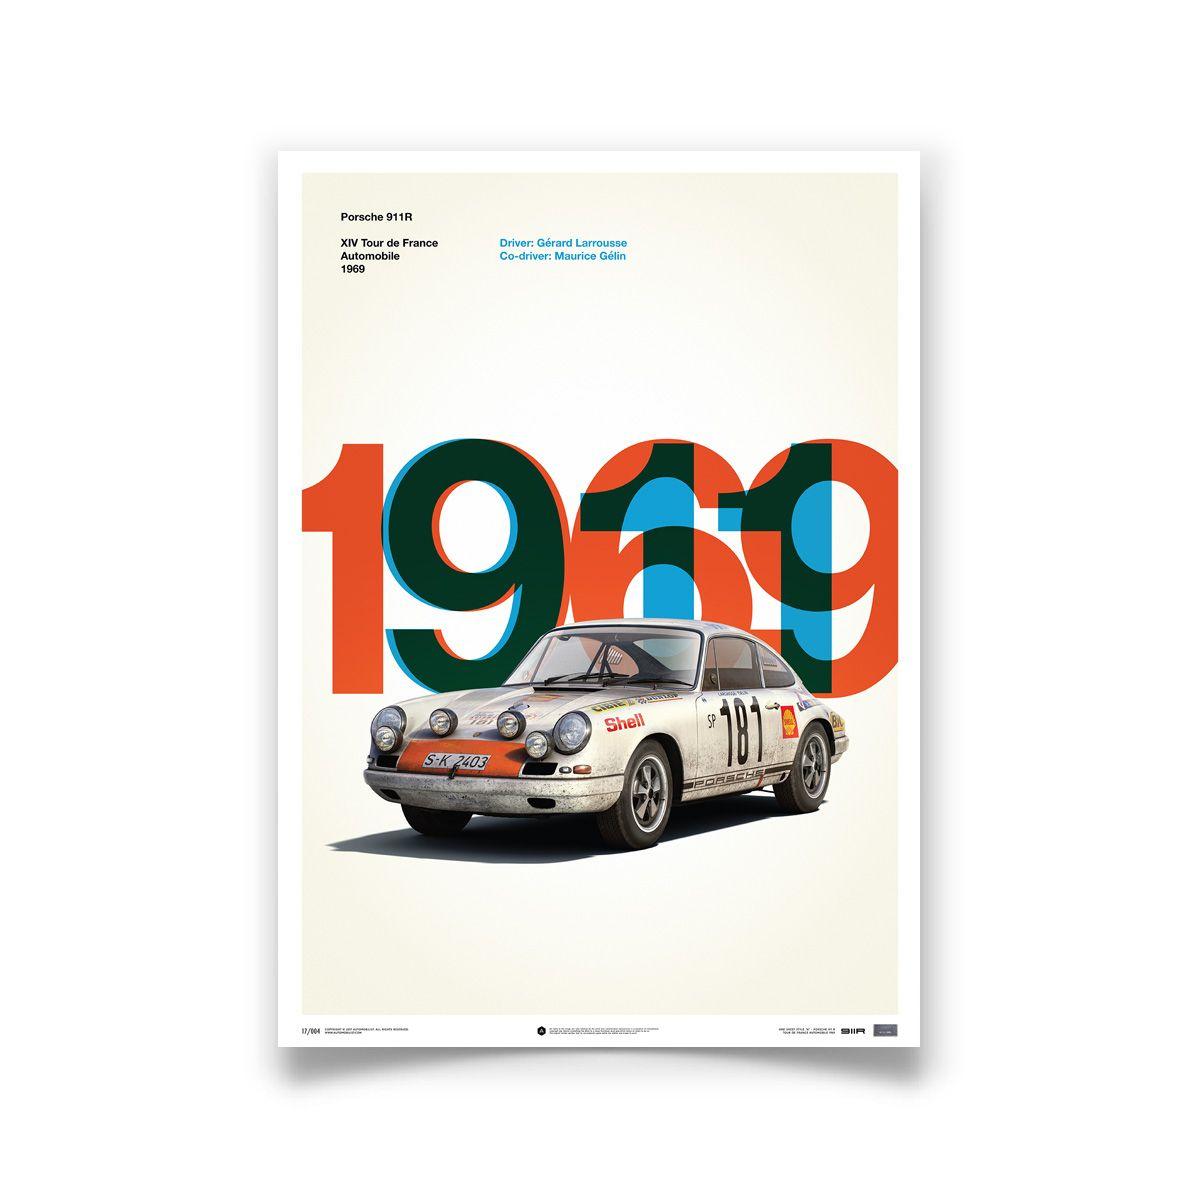 Porsche 911R White Tour de France 1969 Limited